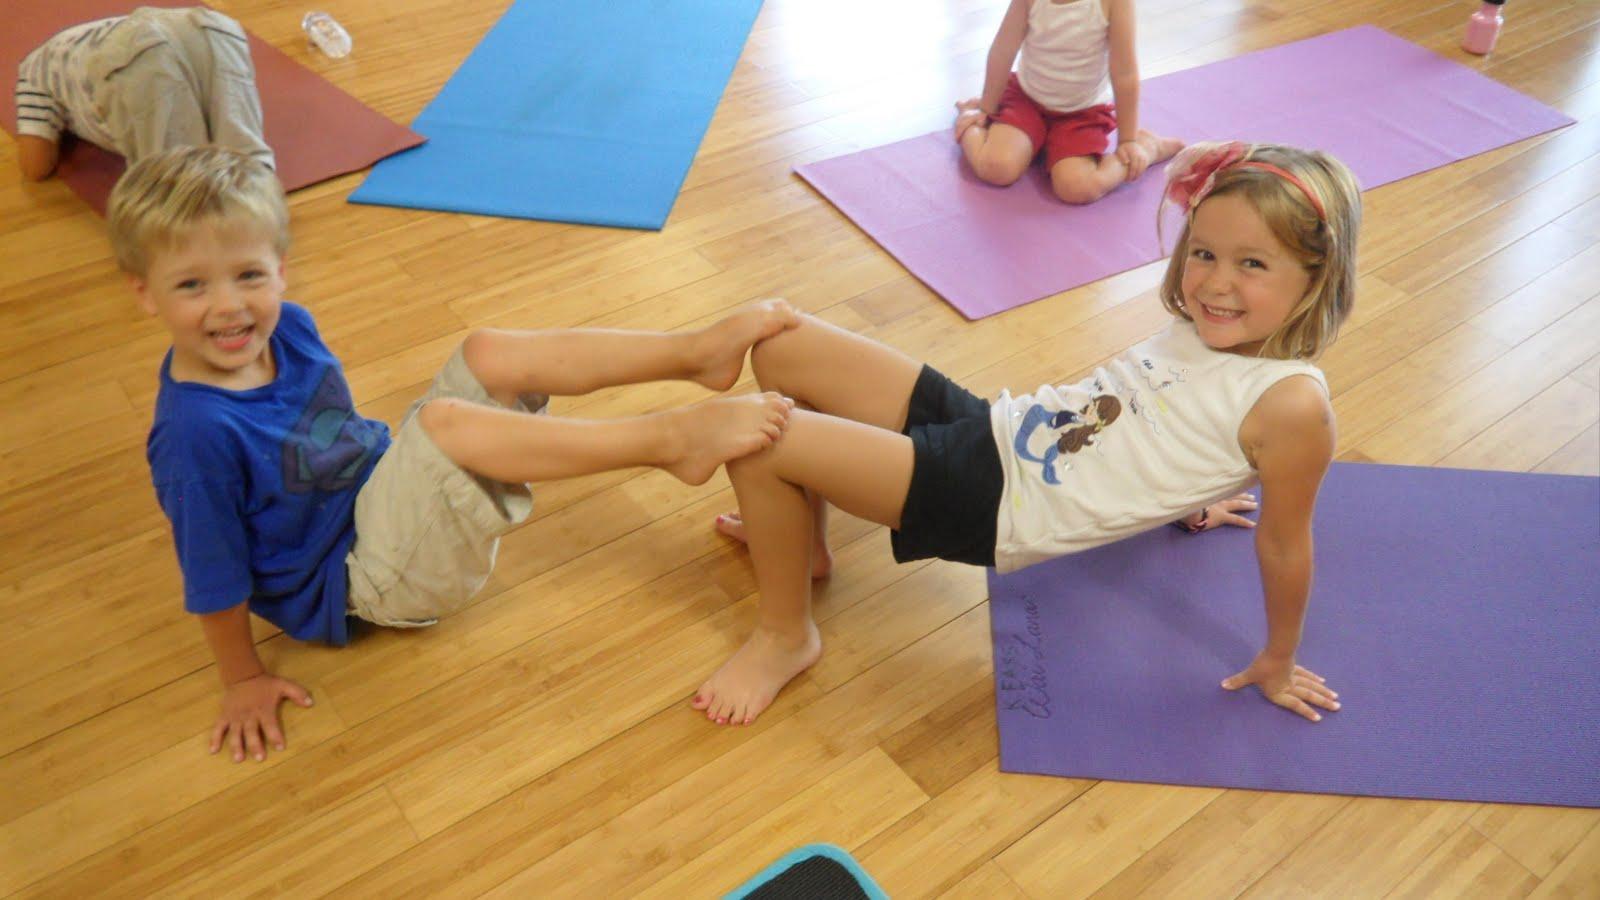 Yoga Challenge For Two Kids Abc News